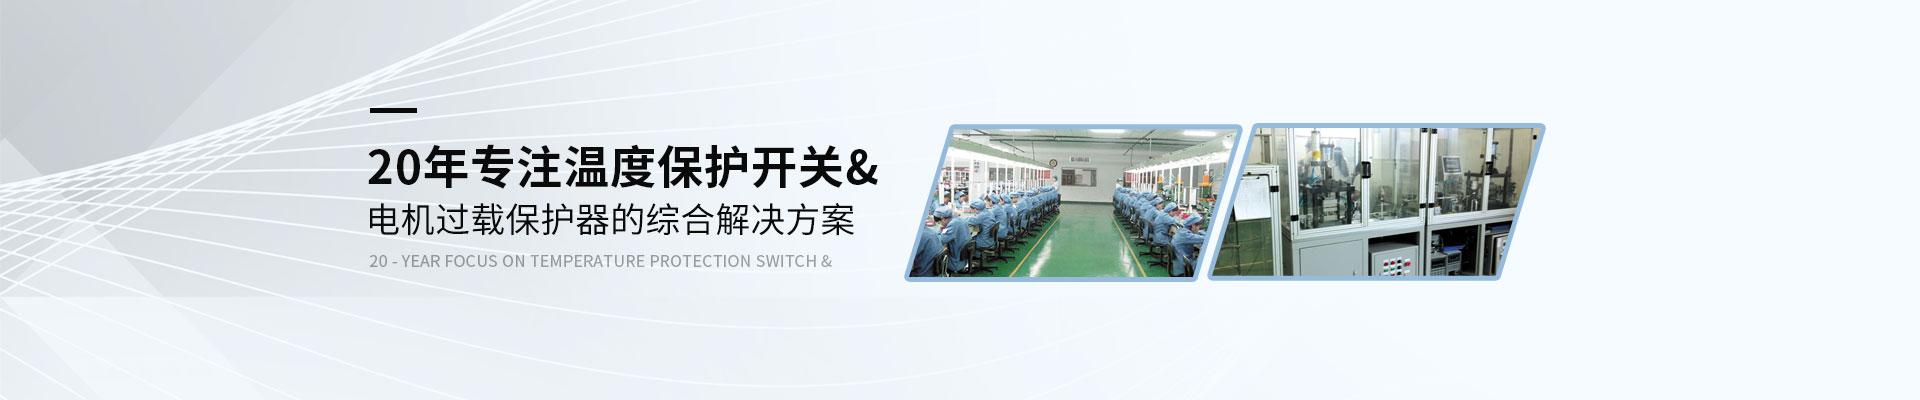 海川温控20年专注温度保护开关、电机过载保护器综合解决方案